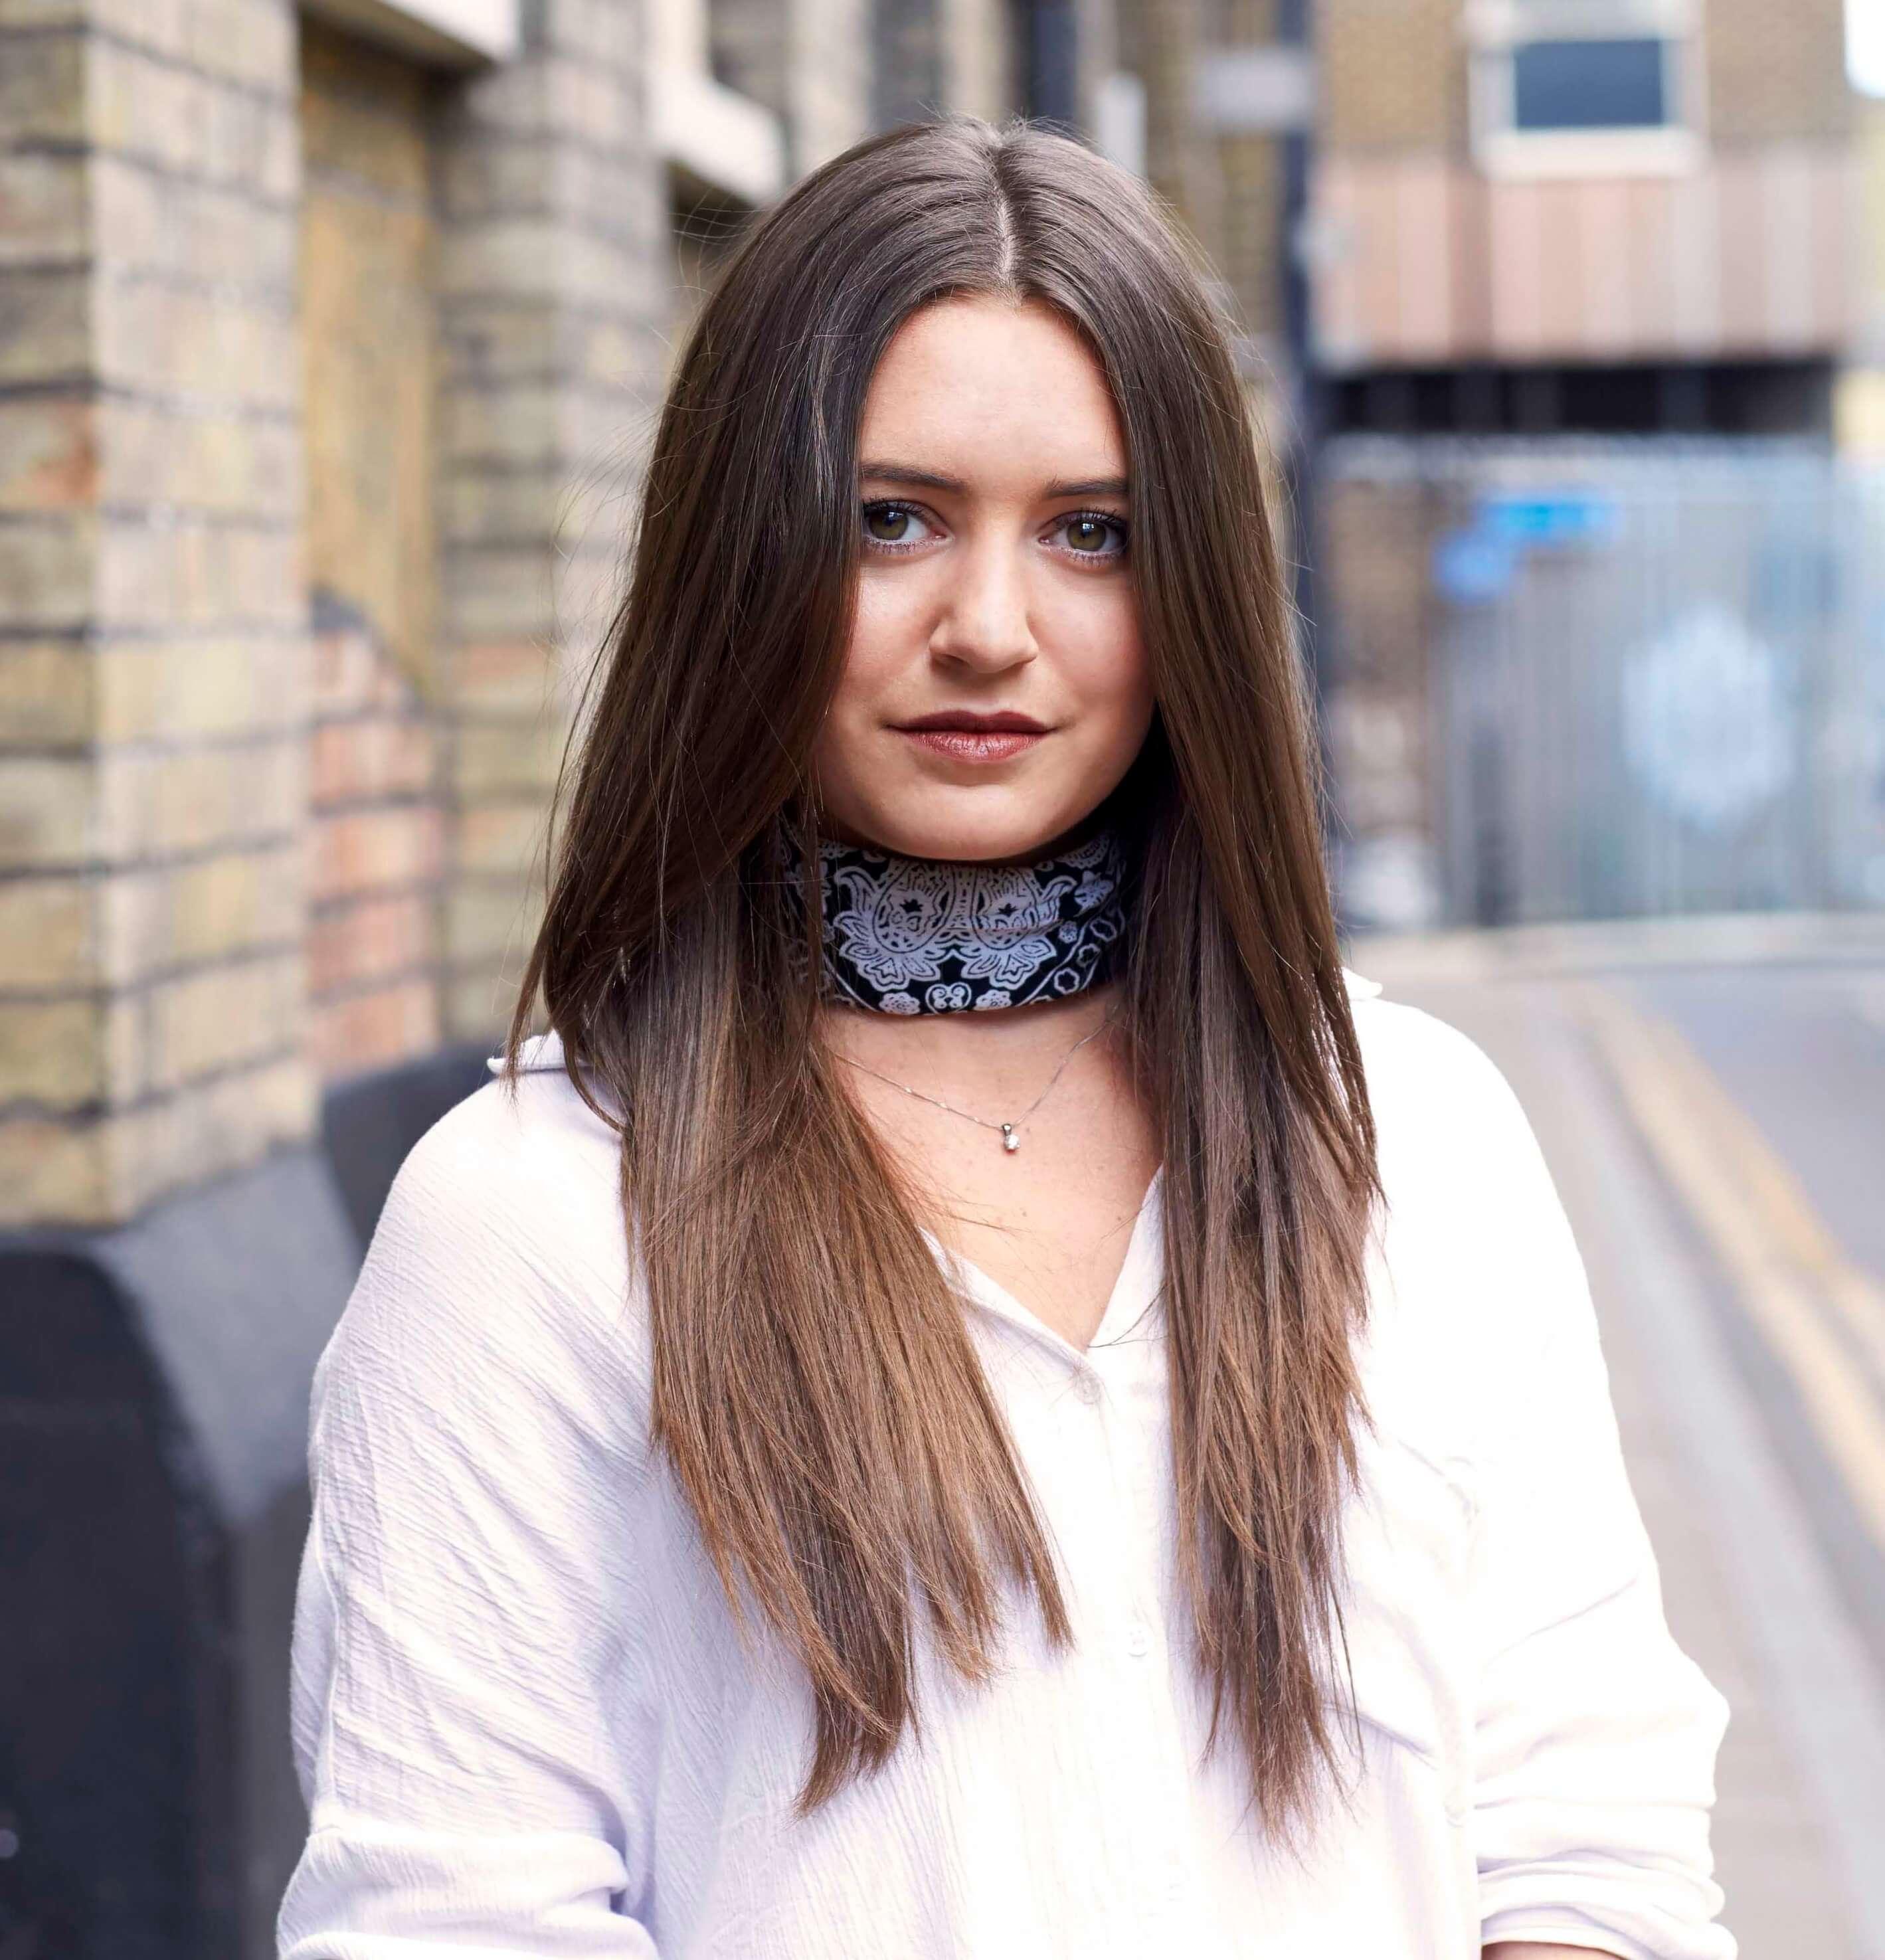 Coupes de cheveux pour cheveux épais : Plan de rue d'une femme brune aux cheveux longs avec des couches de plumes